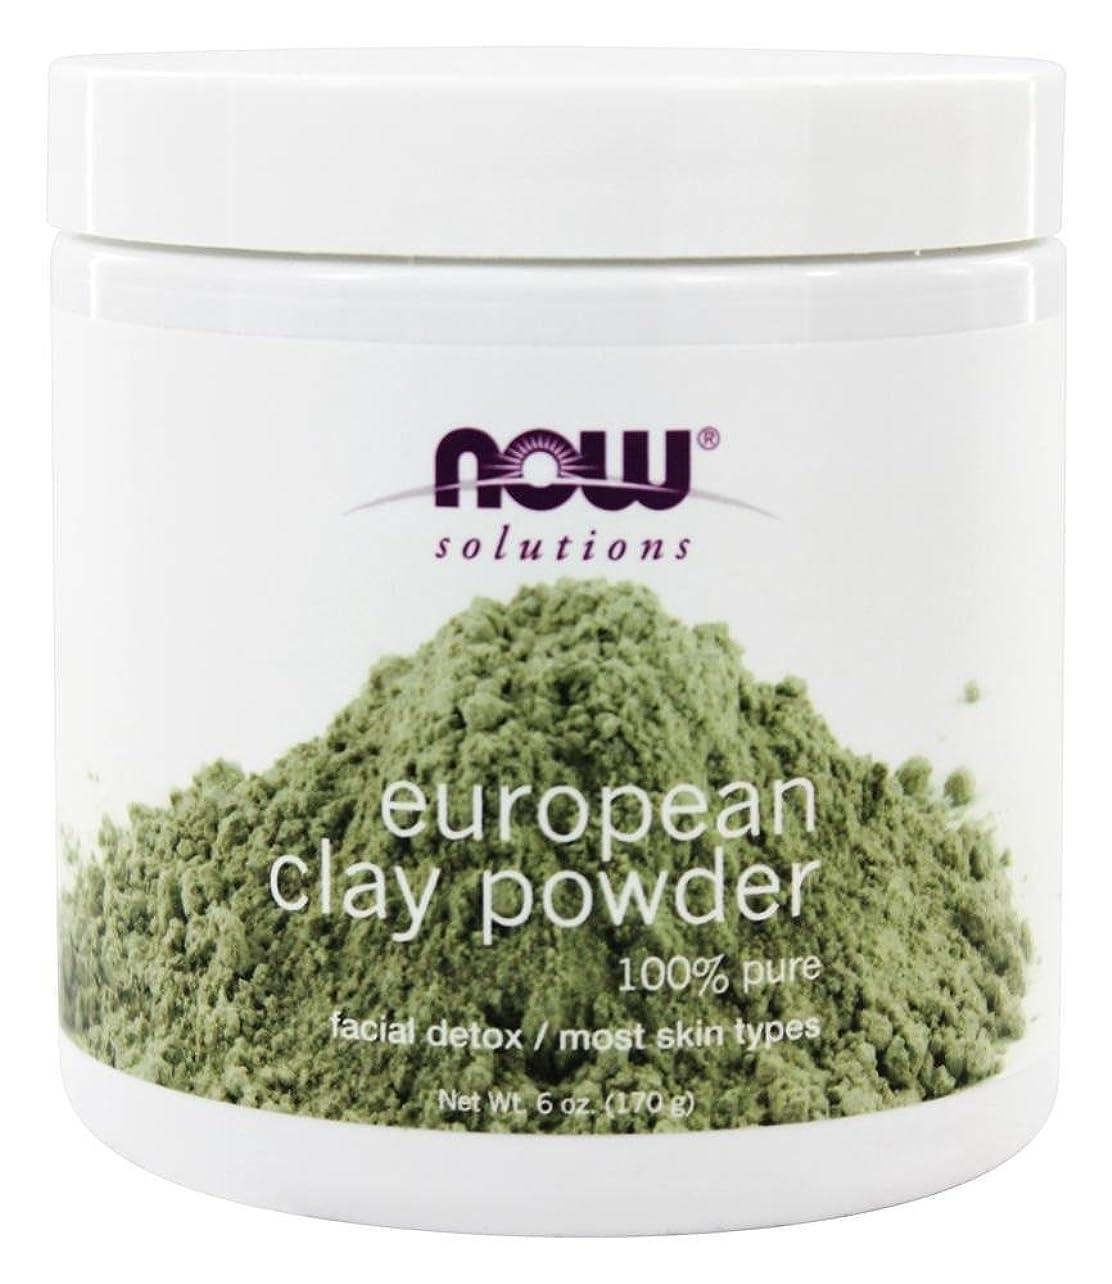 排気高める細部NOW Foods - ヨーロッパの粘土粉末 - 6ポンド [並行輸入品]